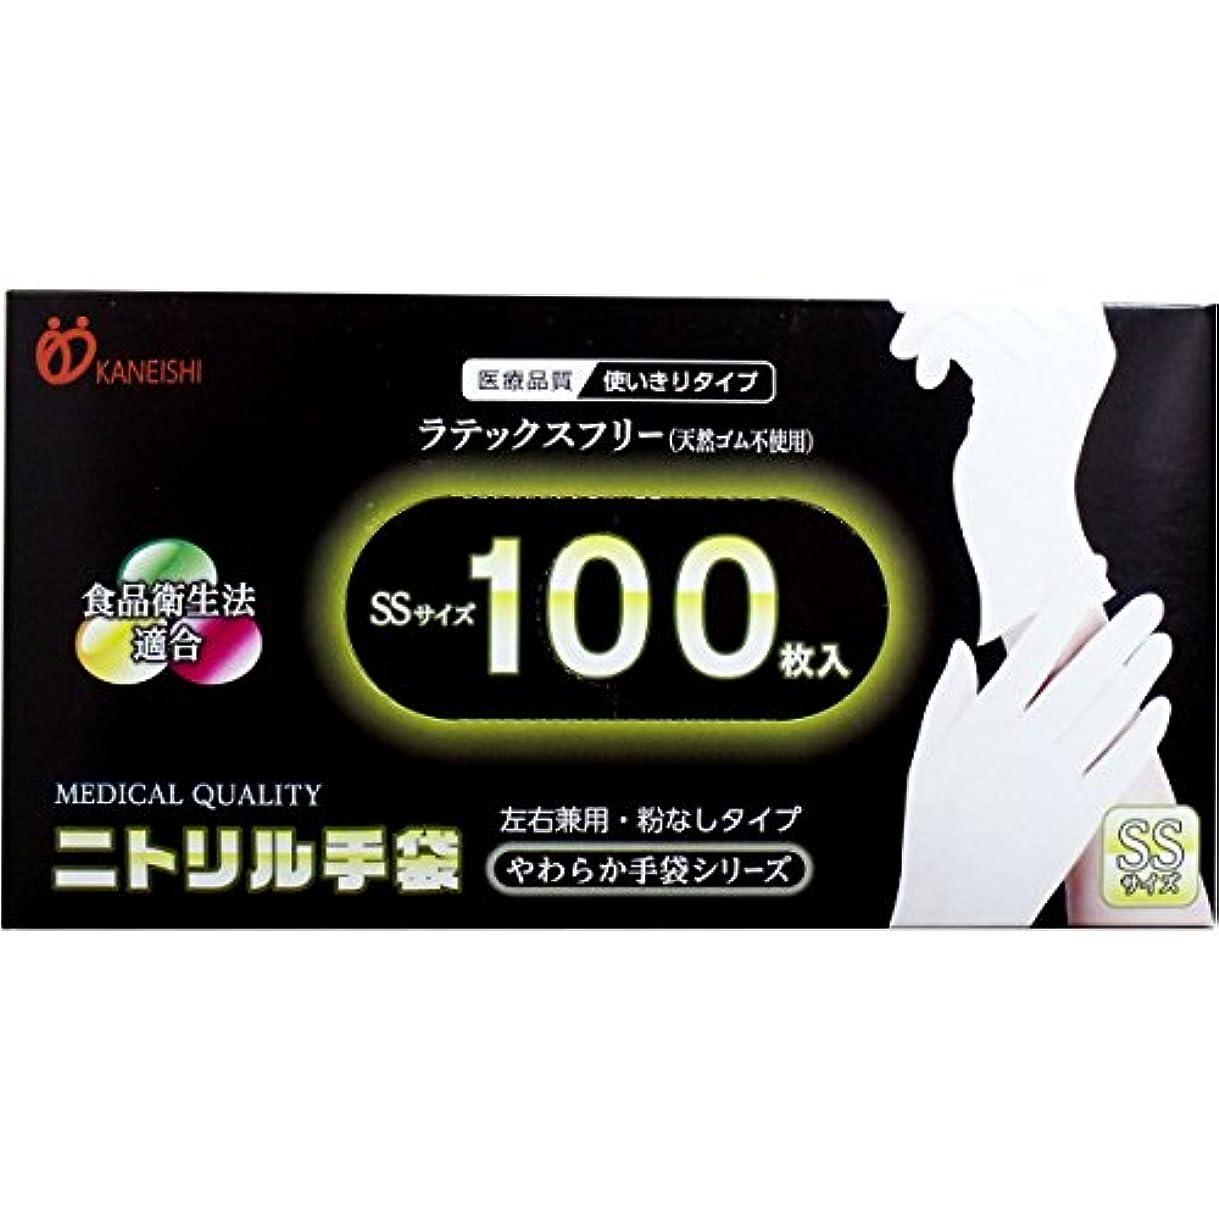 誘導引退した企業[12月23日まで特価]やわらかニトリル手袋 パウダーフリー 100枚入 SSサイズ ×2個セット